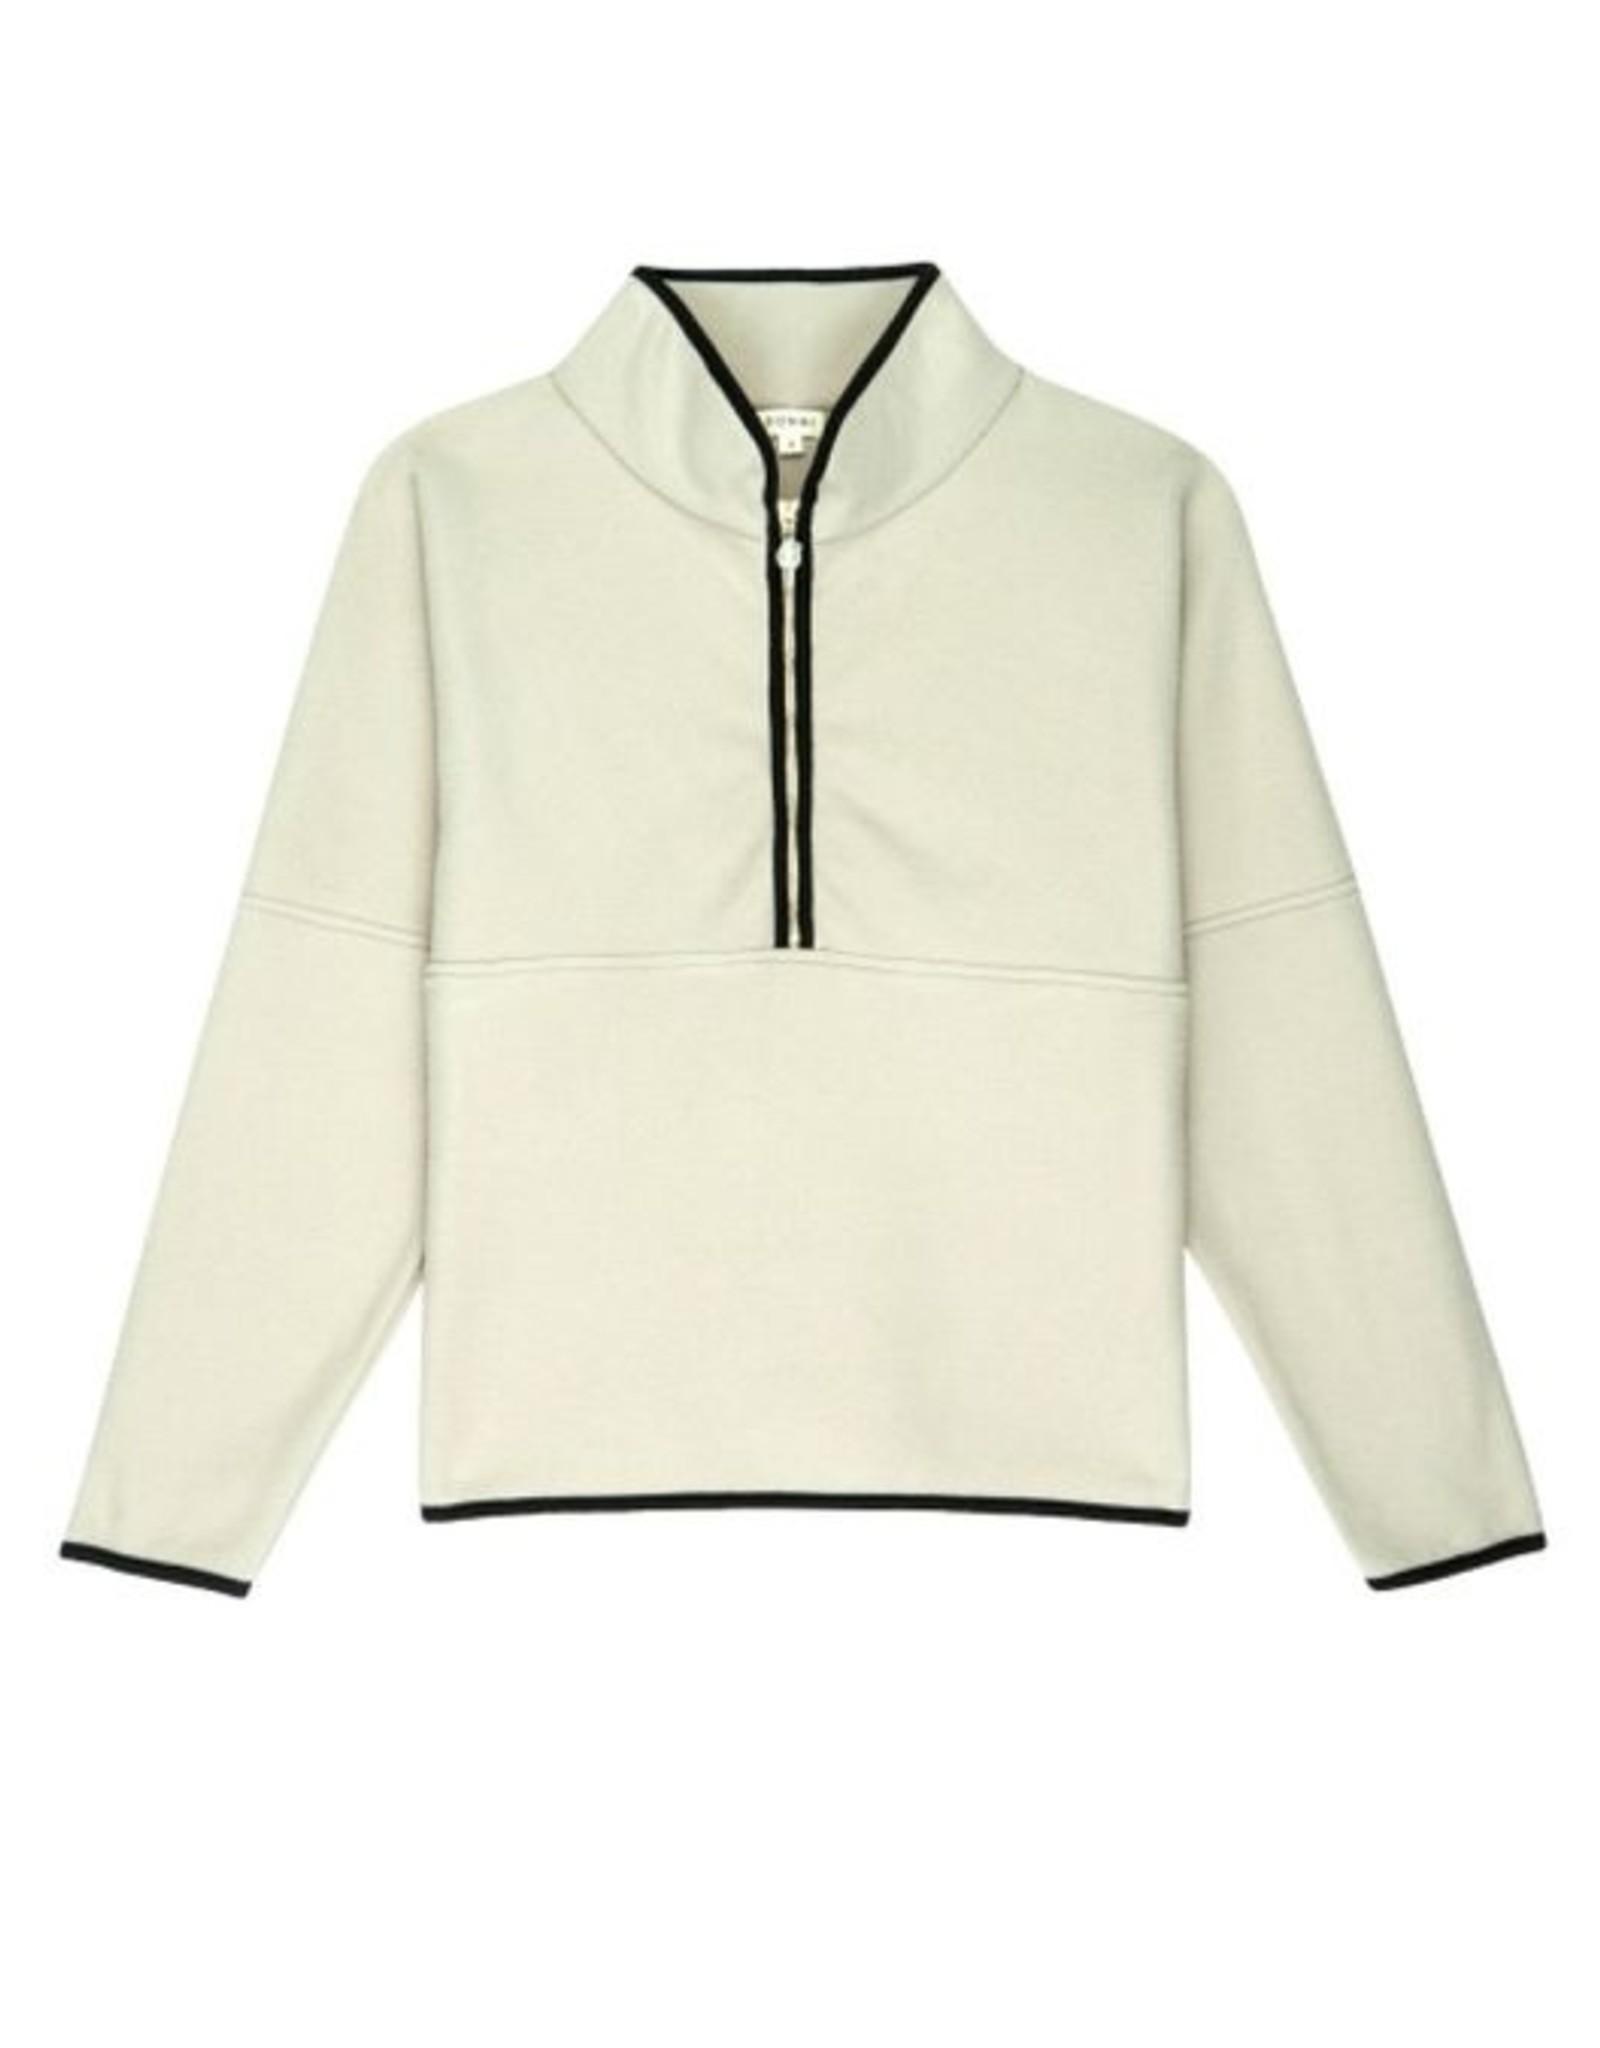 DONNI Polar 1/2 Zip Pullover w/Pearl